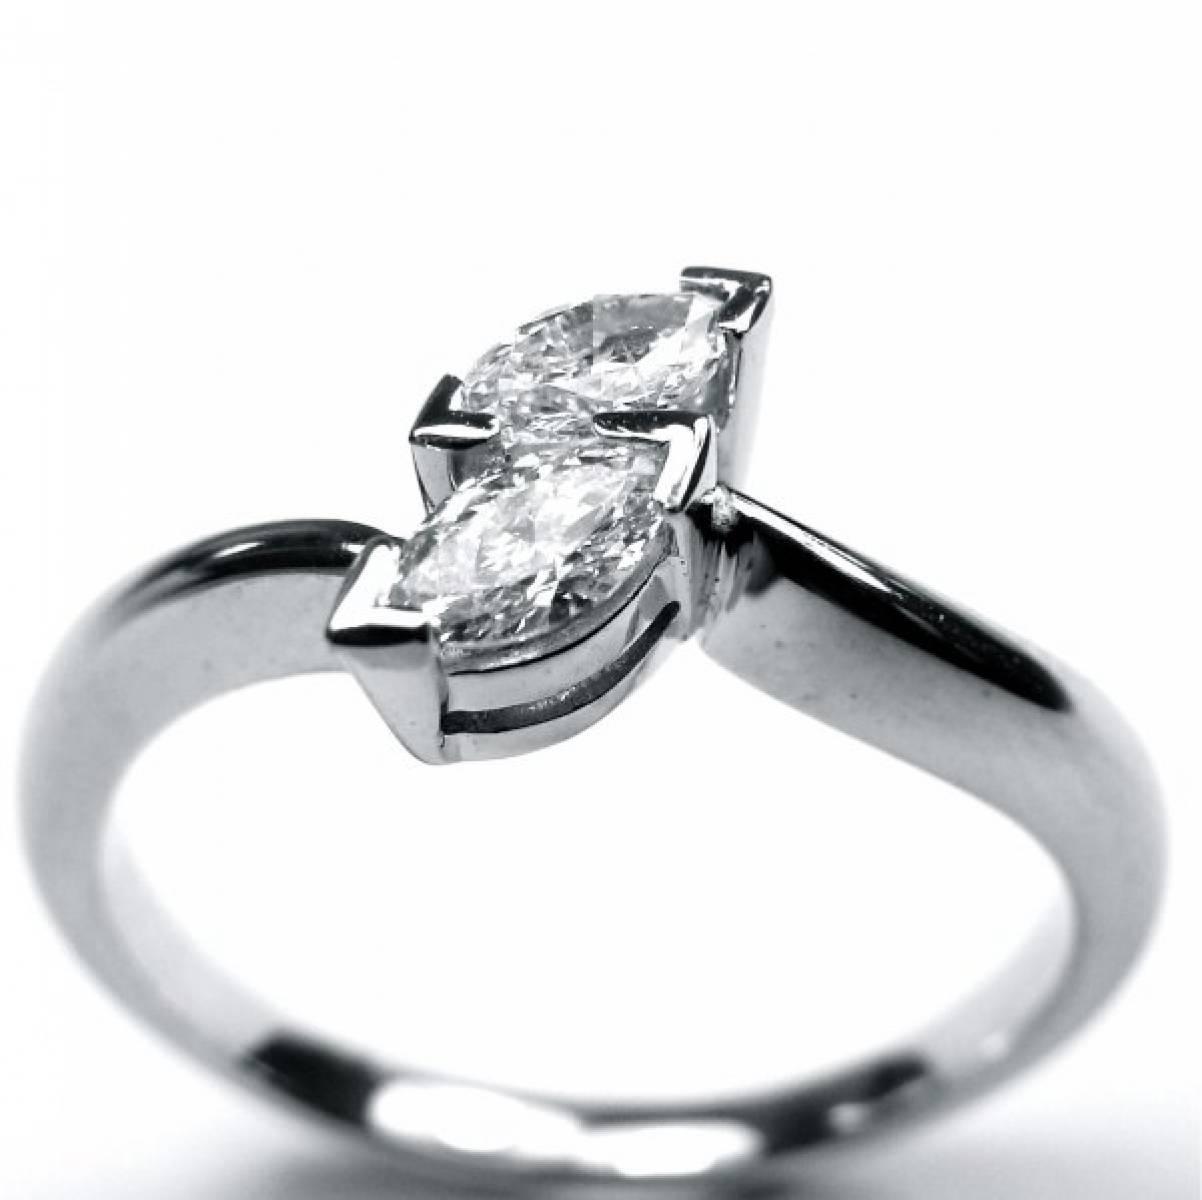 Anel de Noivado em ouro de 19 kts, com 2 diamantes de 0,34 cts